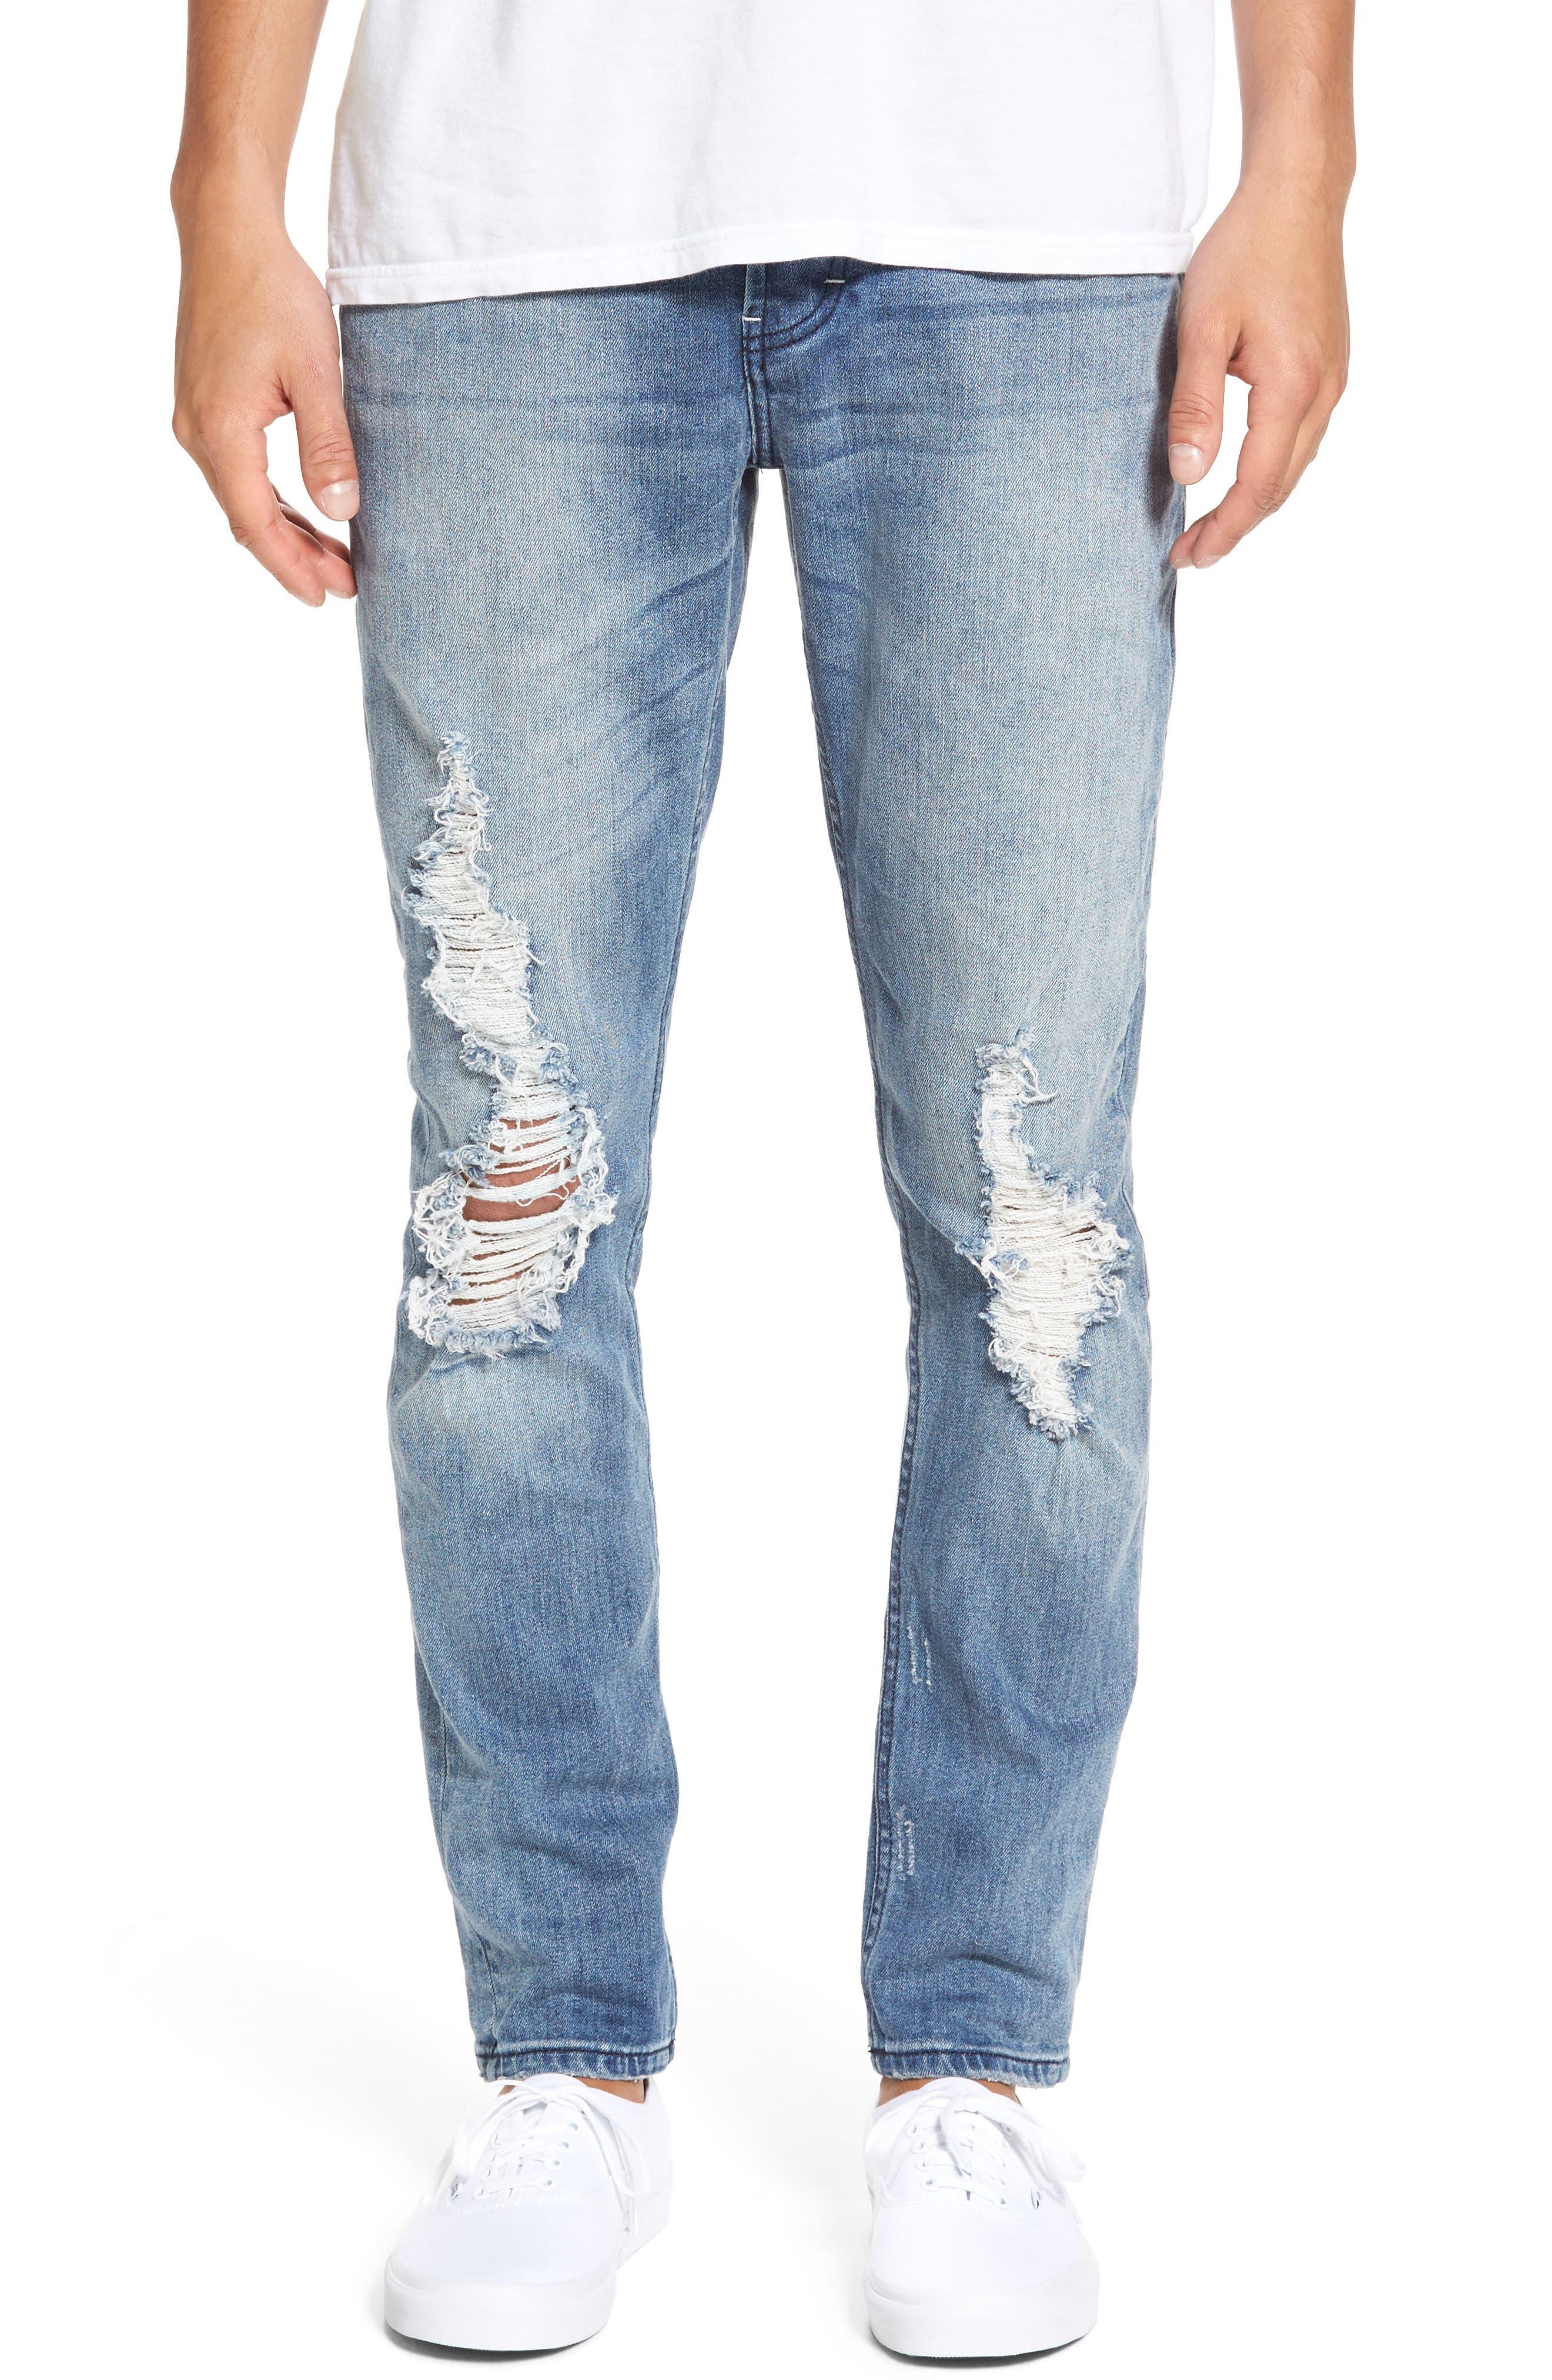 B.Line Slim Fit Jeans,                             Main thumbnail 1, color,                             Blow Out Stonewash